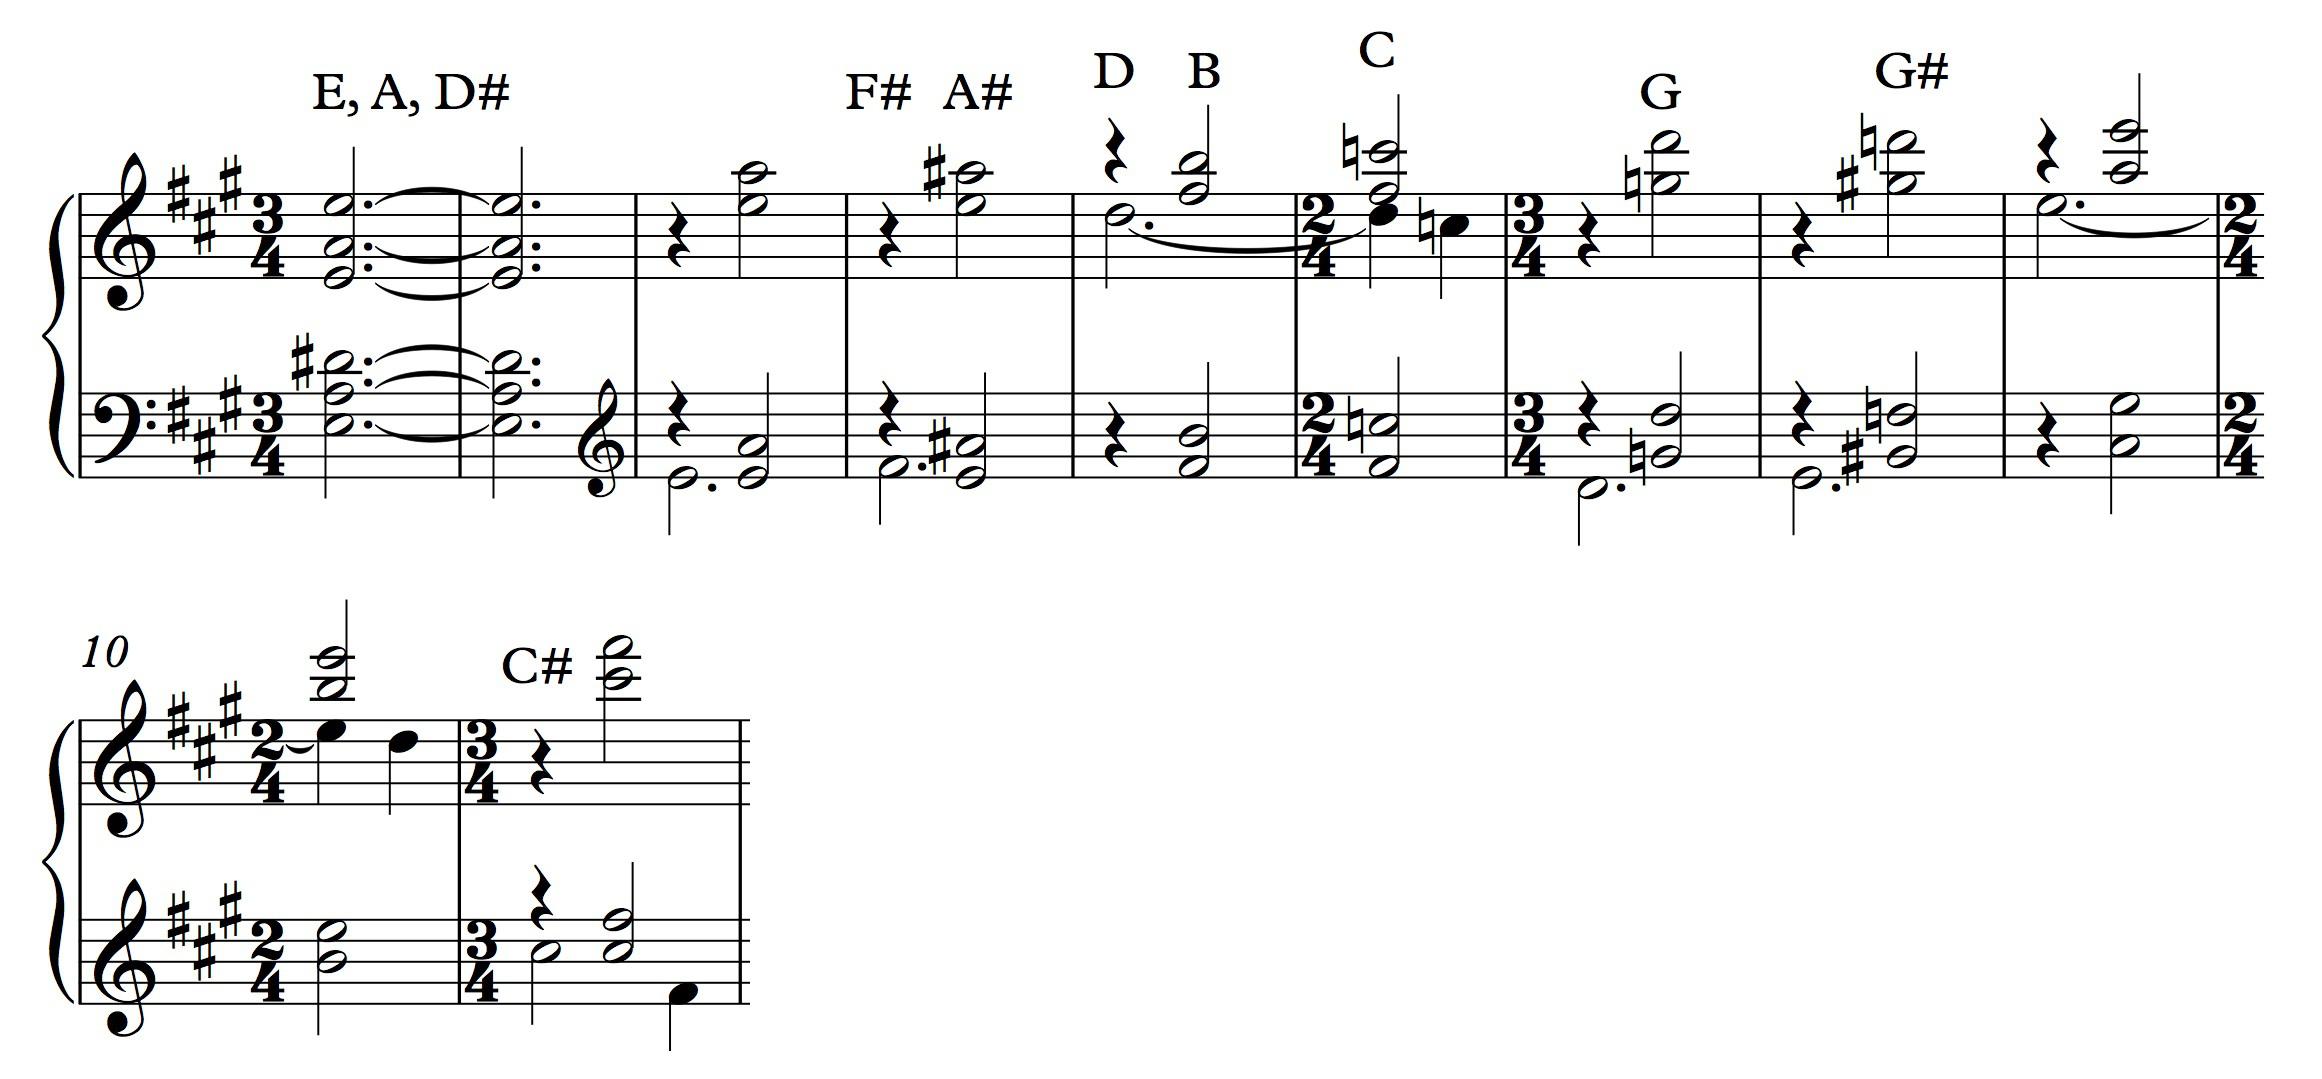 chichester-11-tone-excerpt